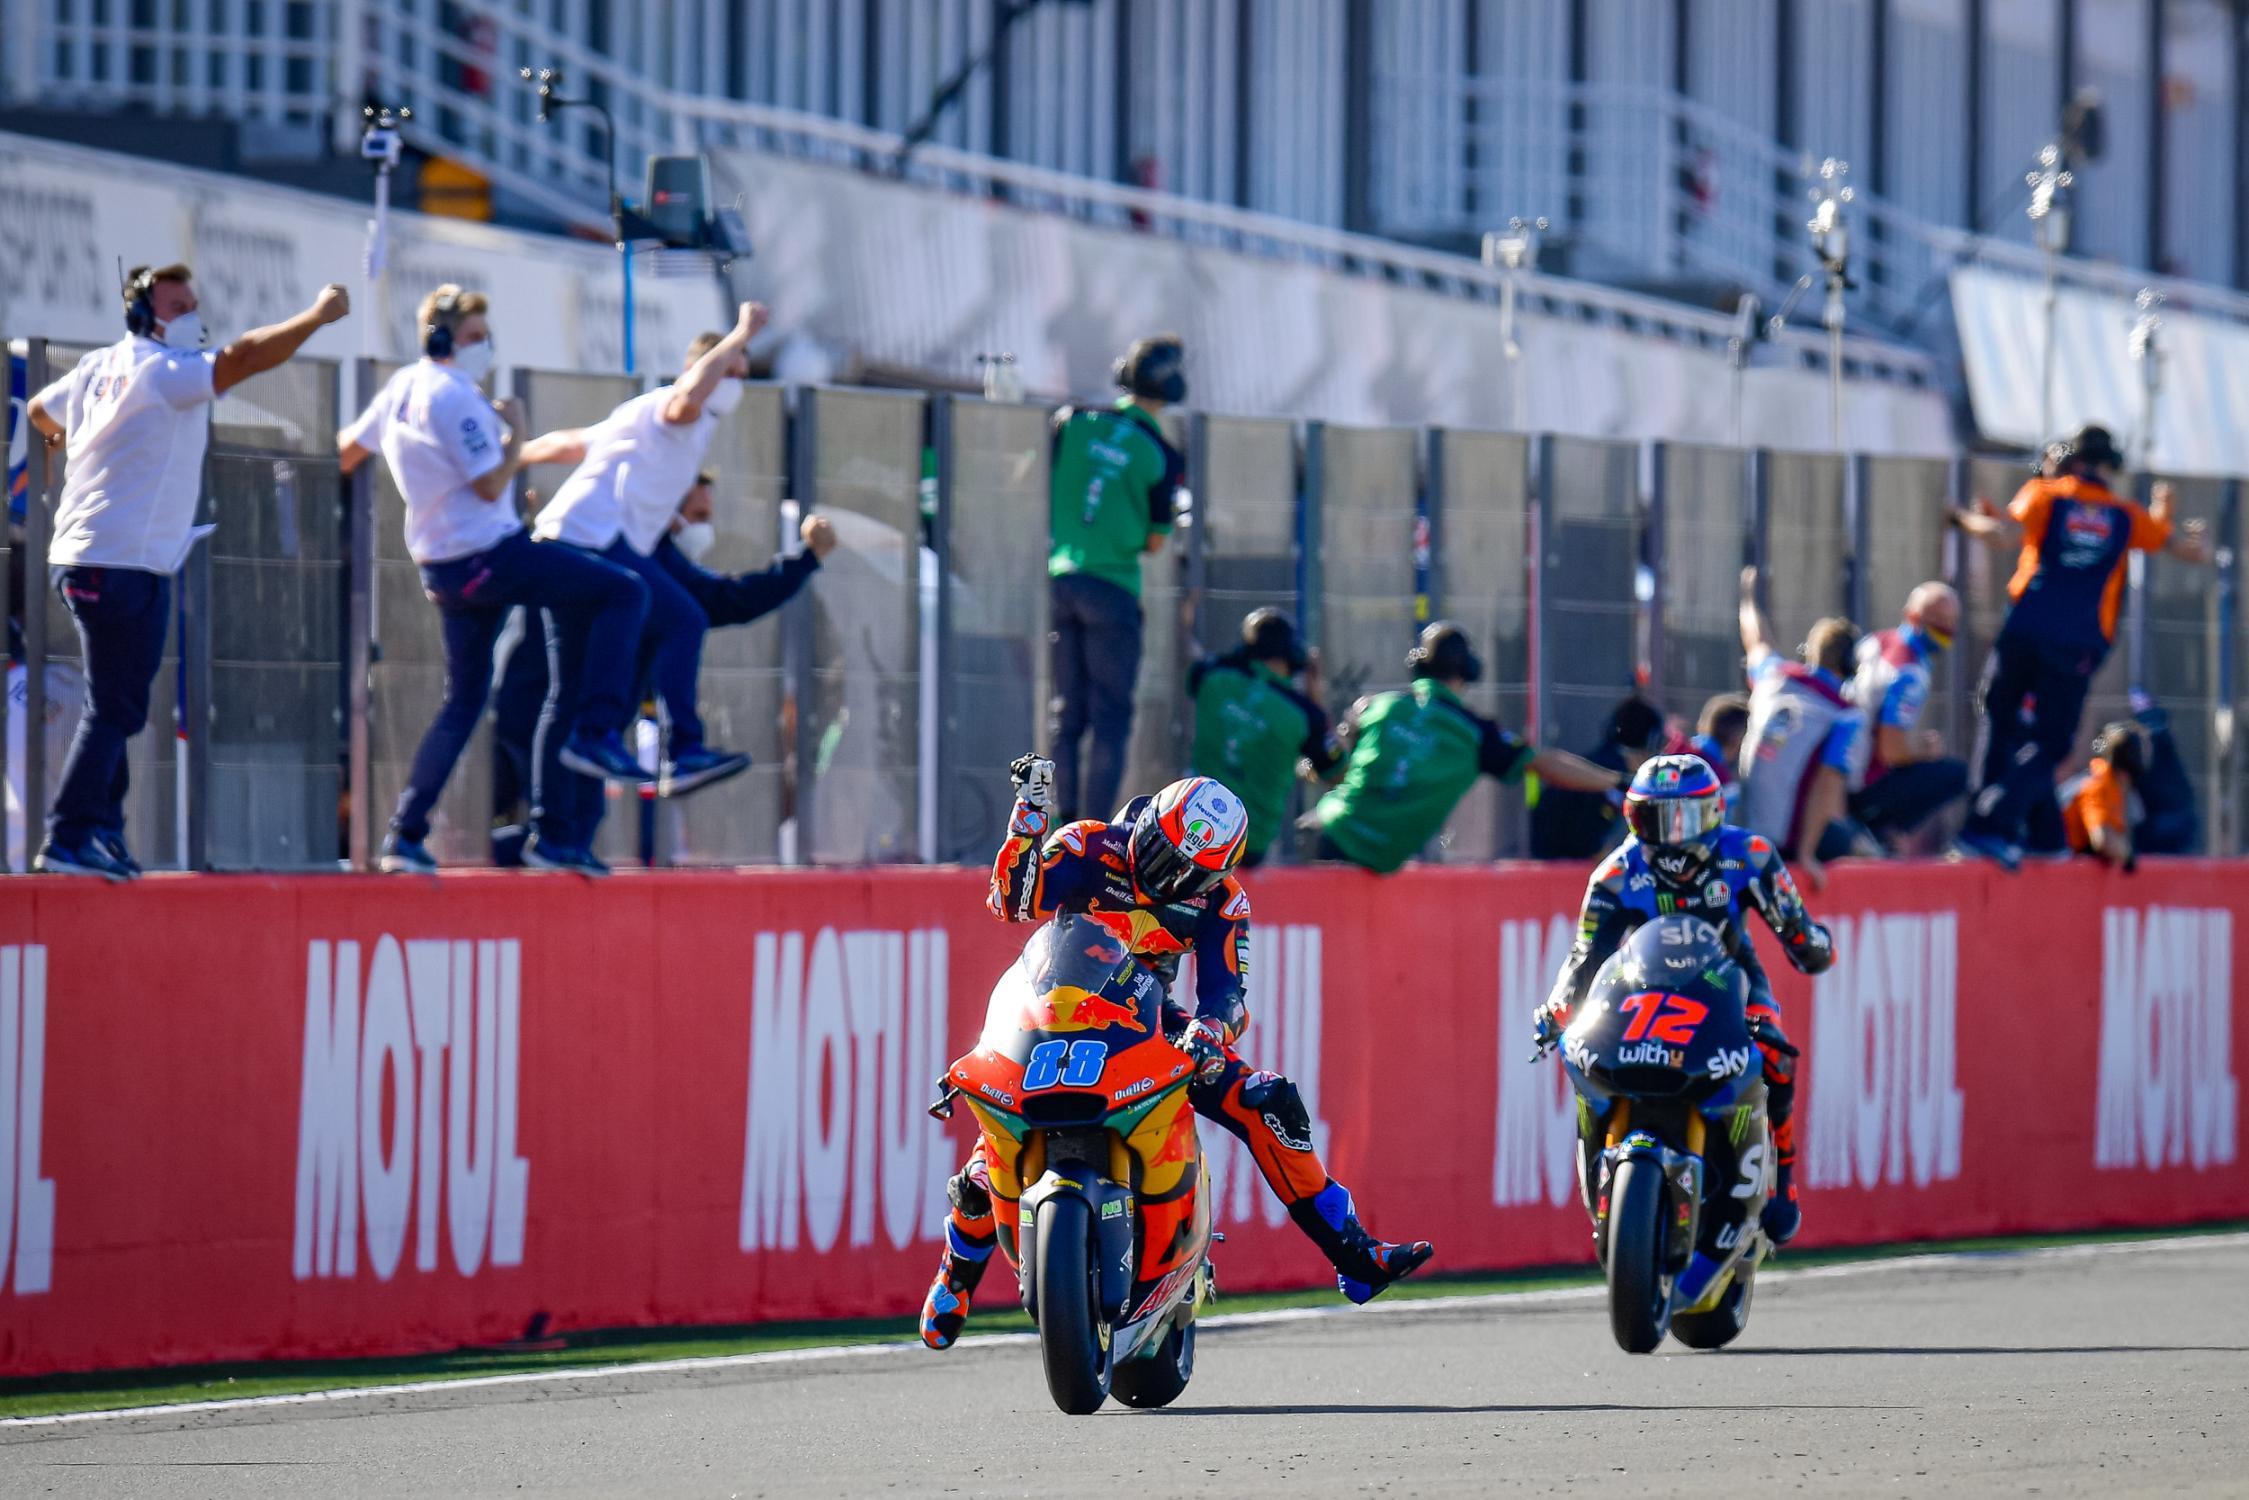 Martín y Garzó saborean la gloria y frenan a Bezzecchi #Moto2